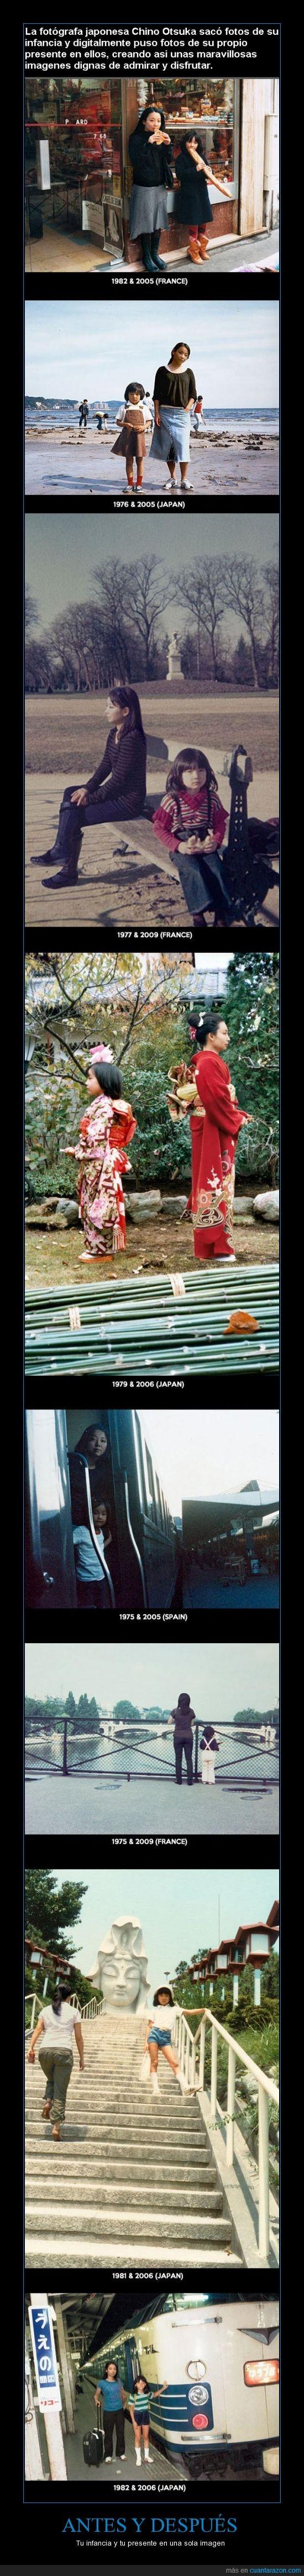 antes y despues,chino otsuka,digital,fotos,imagen,infancia,presente